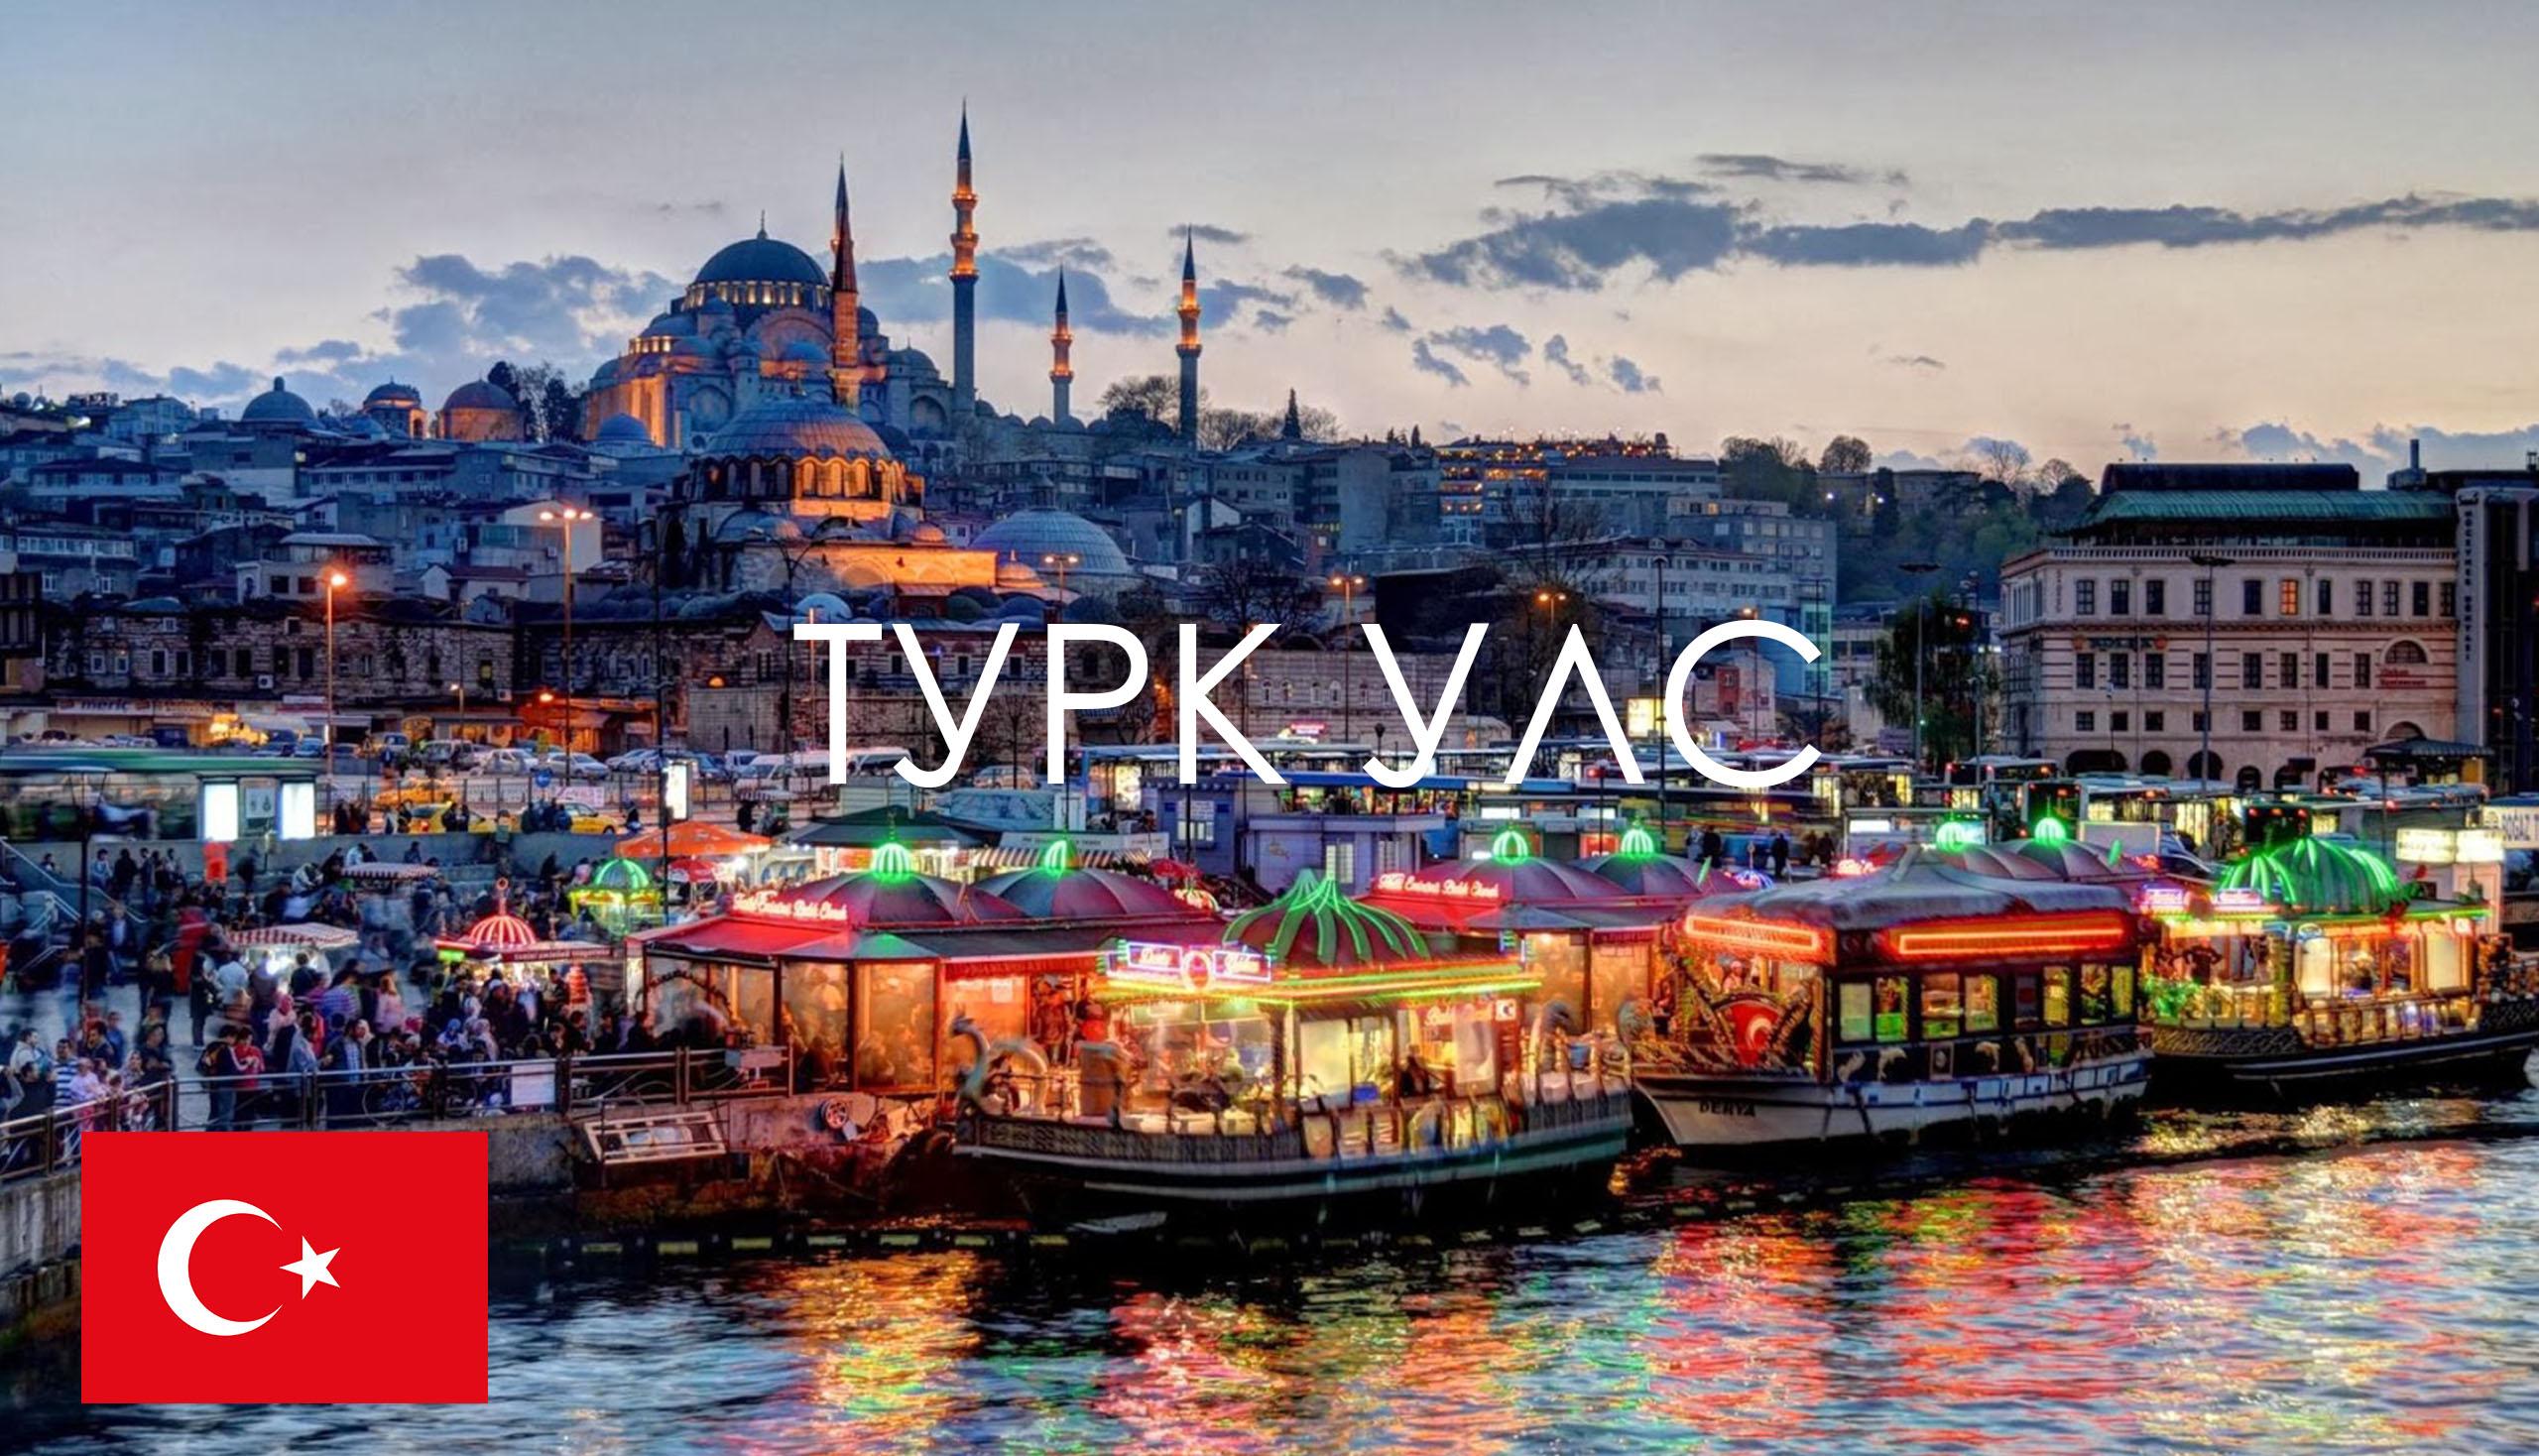 Бүгд Найрамд Турк улсад ажиллаж, амьдарч буй иргэдийнхээ нийгмийн хамгааллын асуудлыг шийдвэрлэх боломжтой боллоо